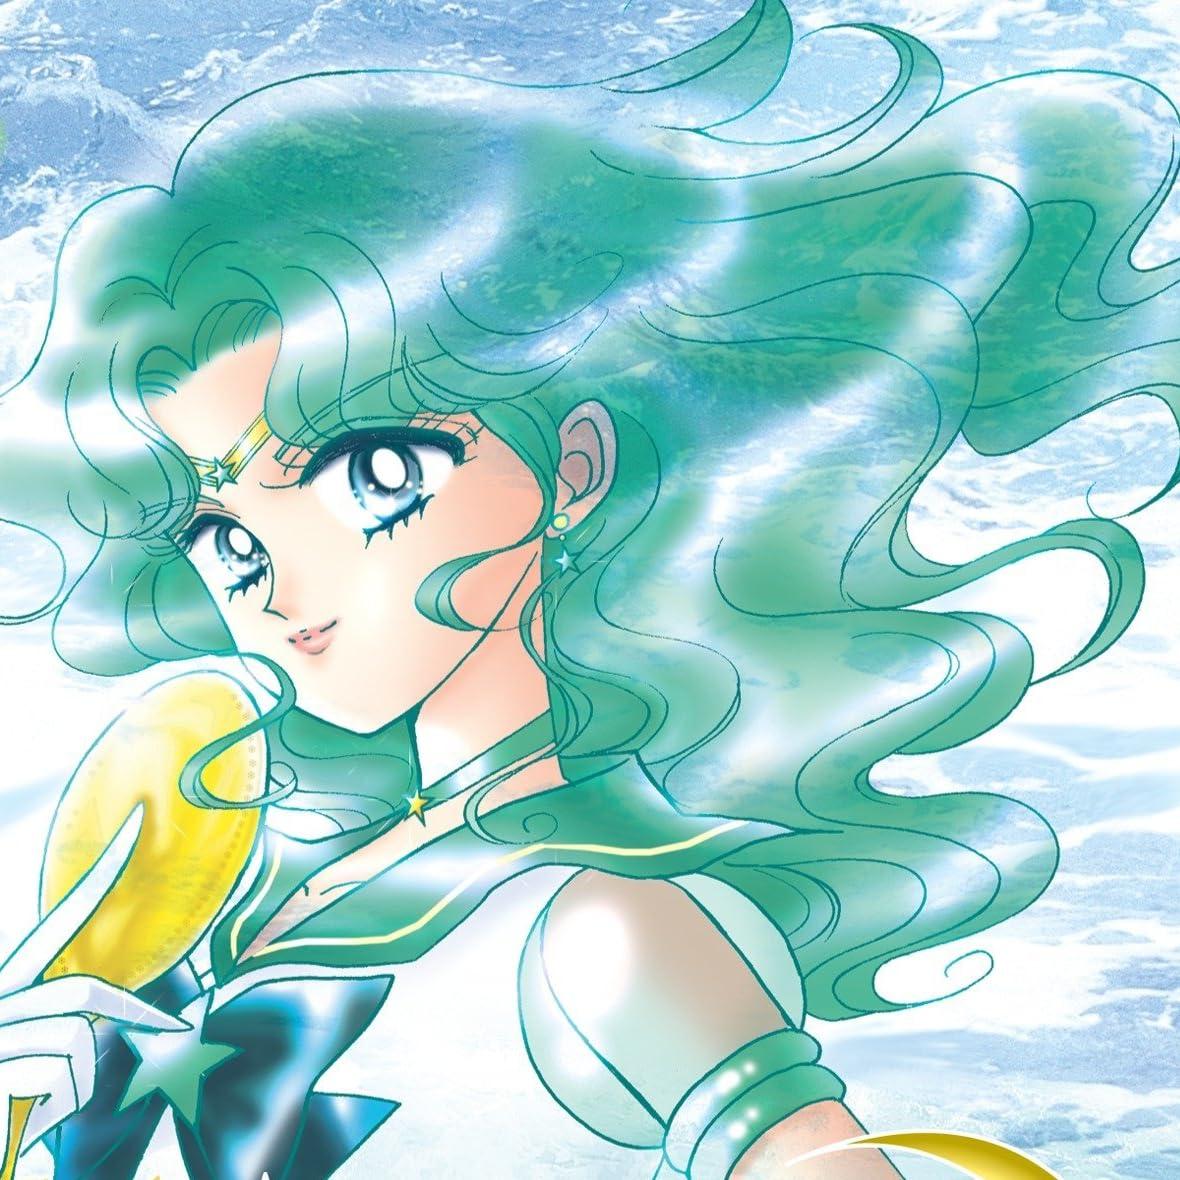 美少女戦士セーラームーン Ipad壁紙 海王星を守護に持つ深海と抱擁の